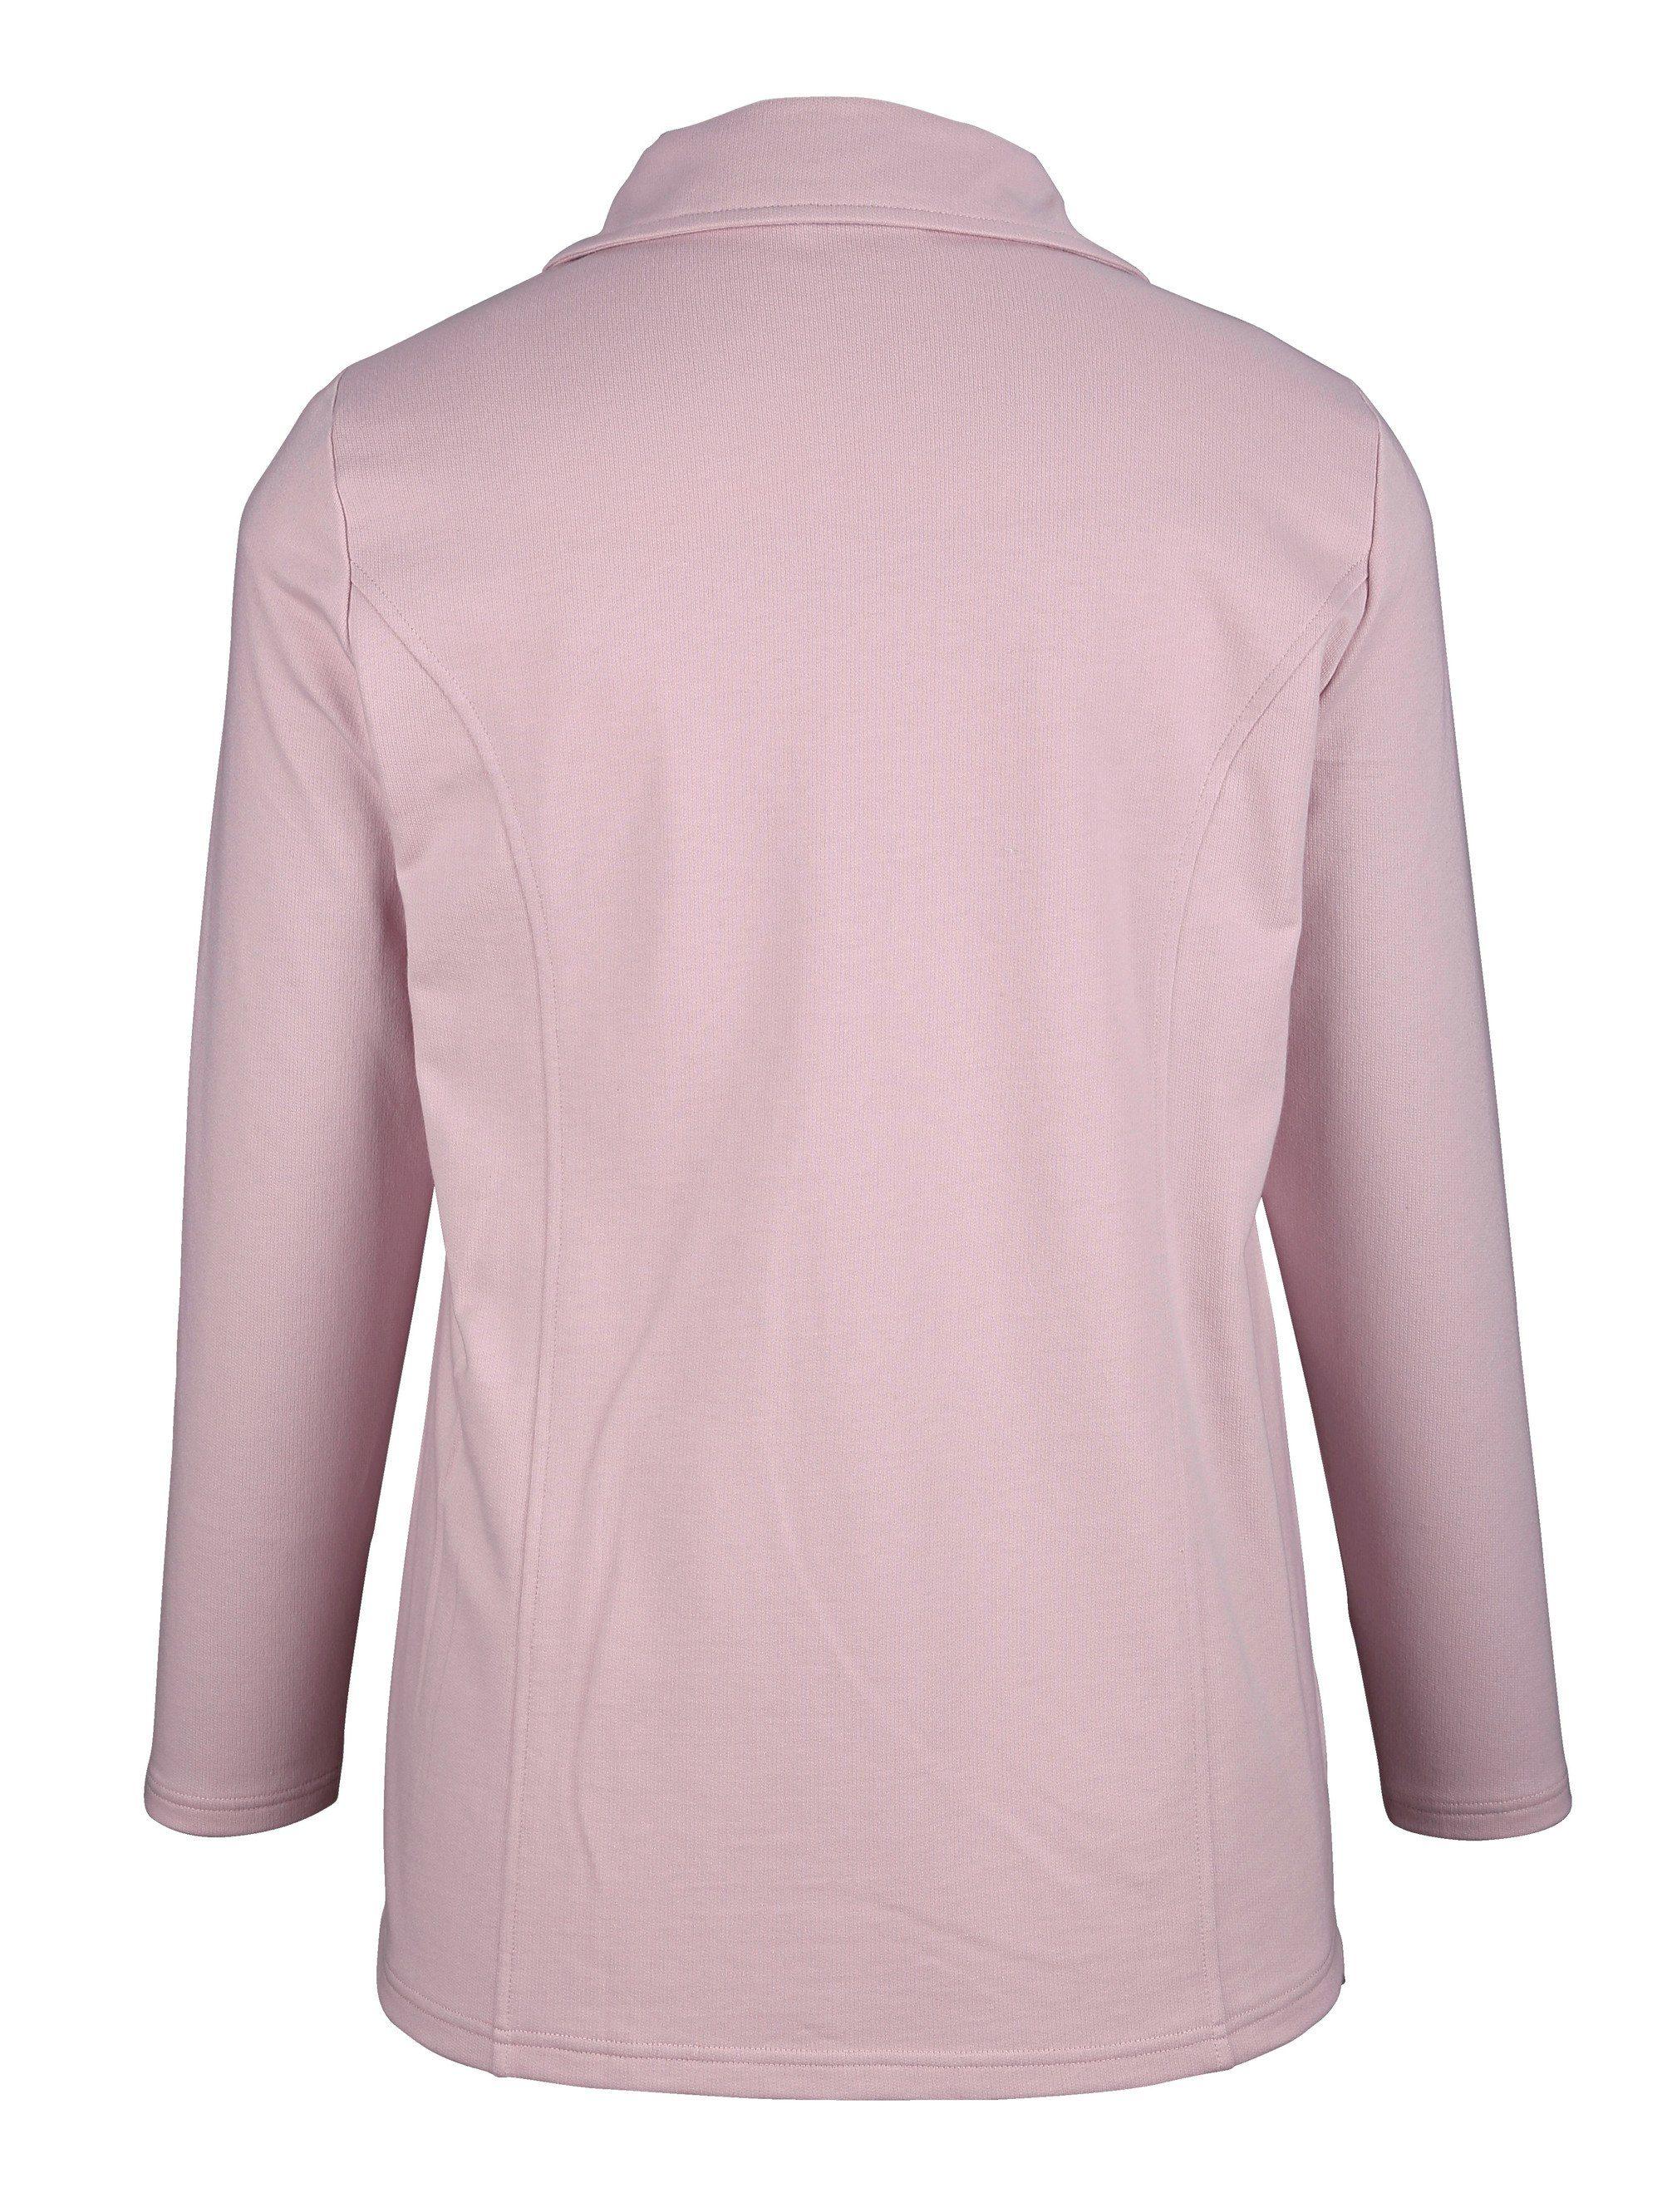 m. collection Sweatjacke mit hübschem Spitzeneinsatz | Bekleidung > Sweatshirts & -jacken > Sweatjacken | M. Collection